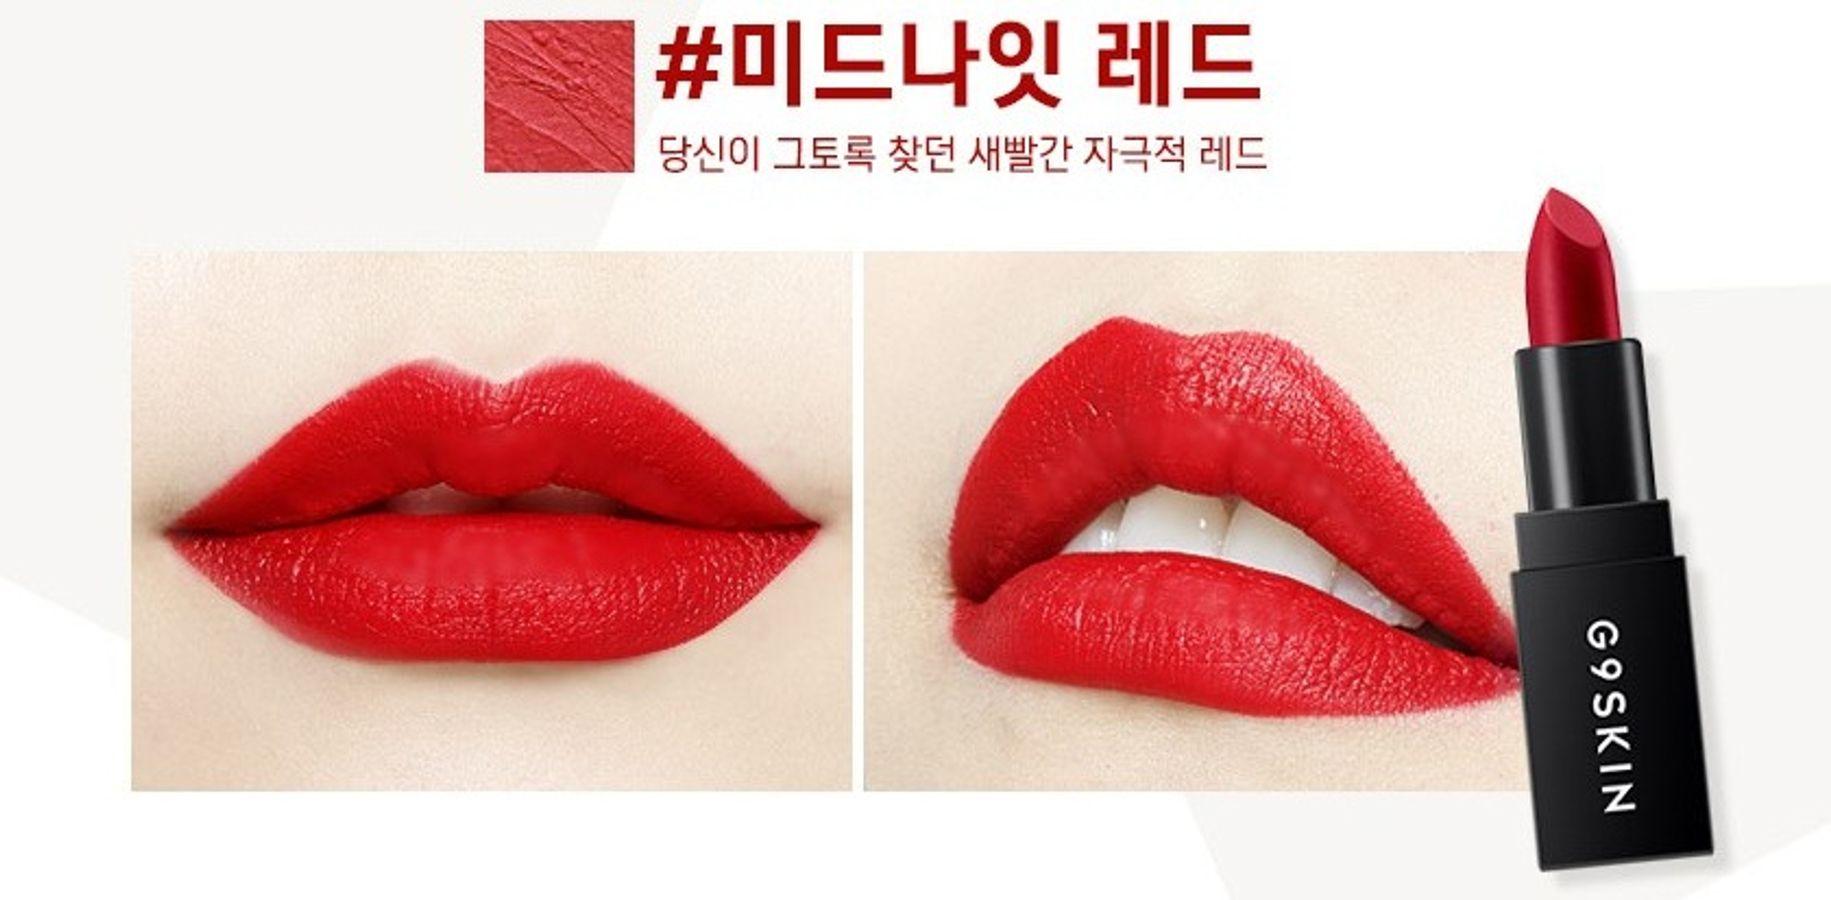 Son Thỏi G9Skin First Lipstick 5 Màu Thời Trang Siêu Hot